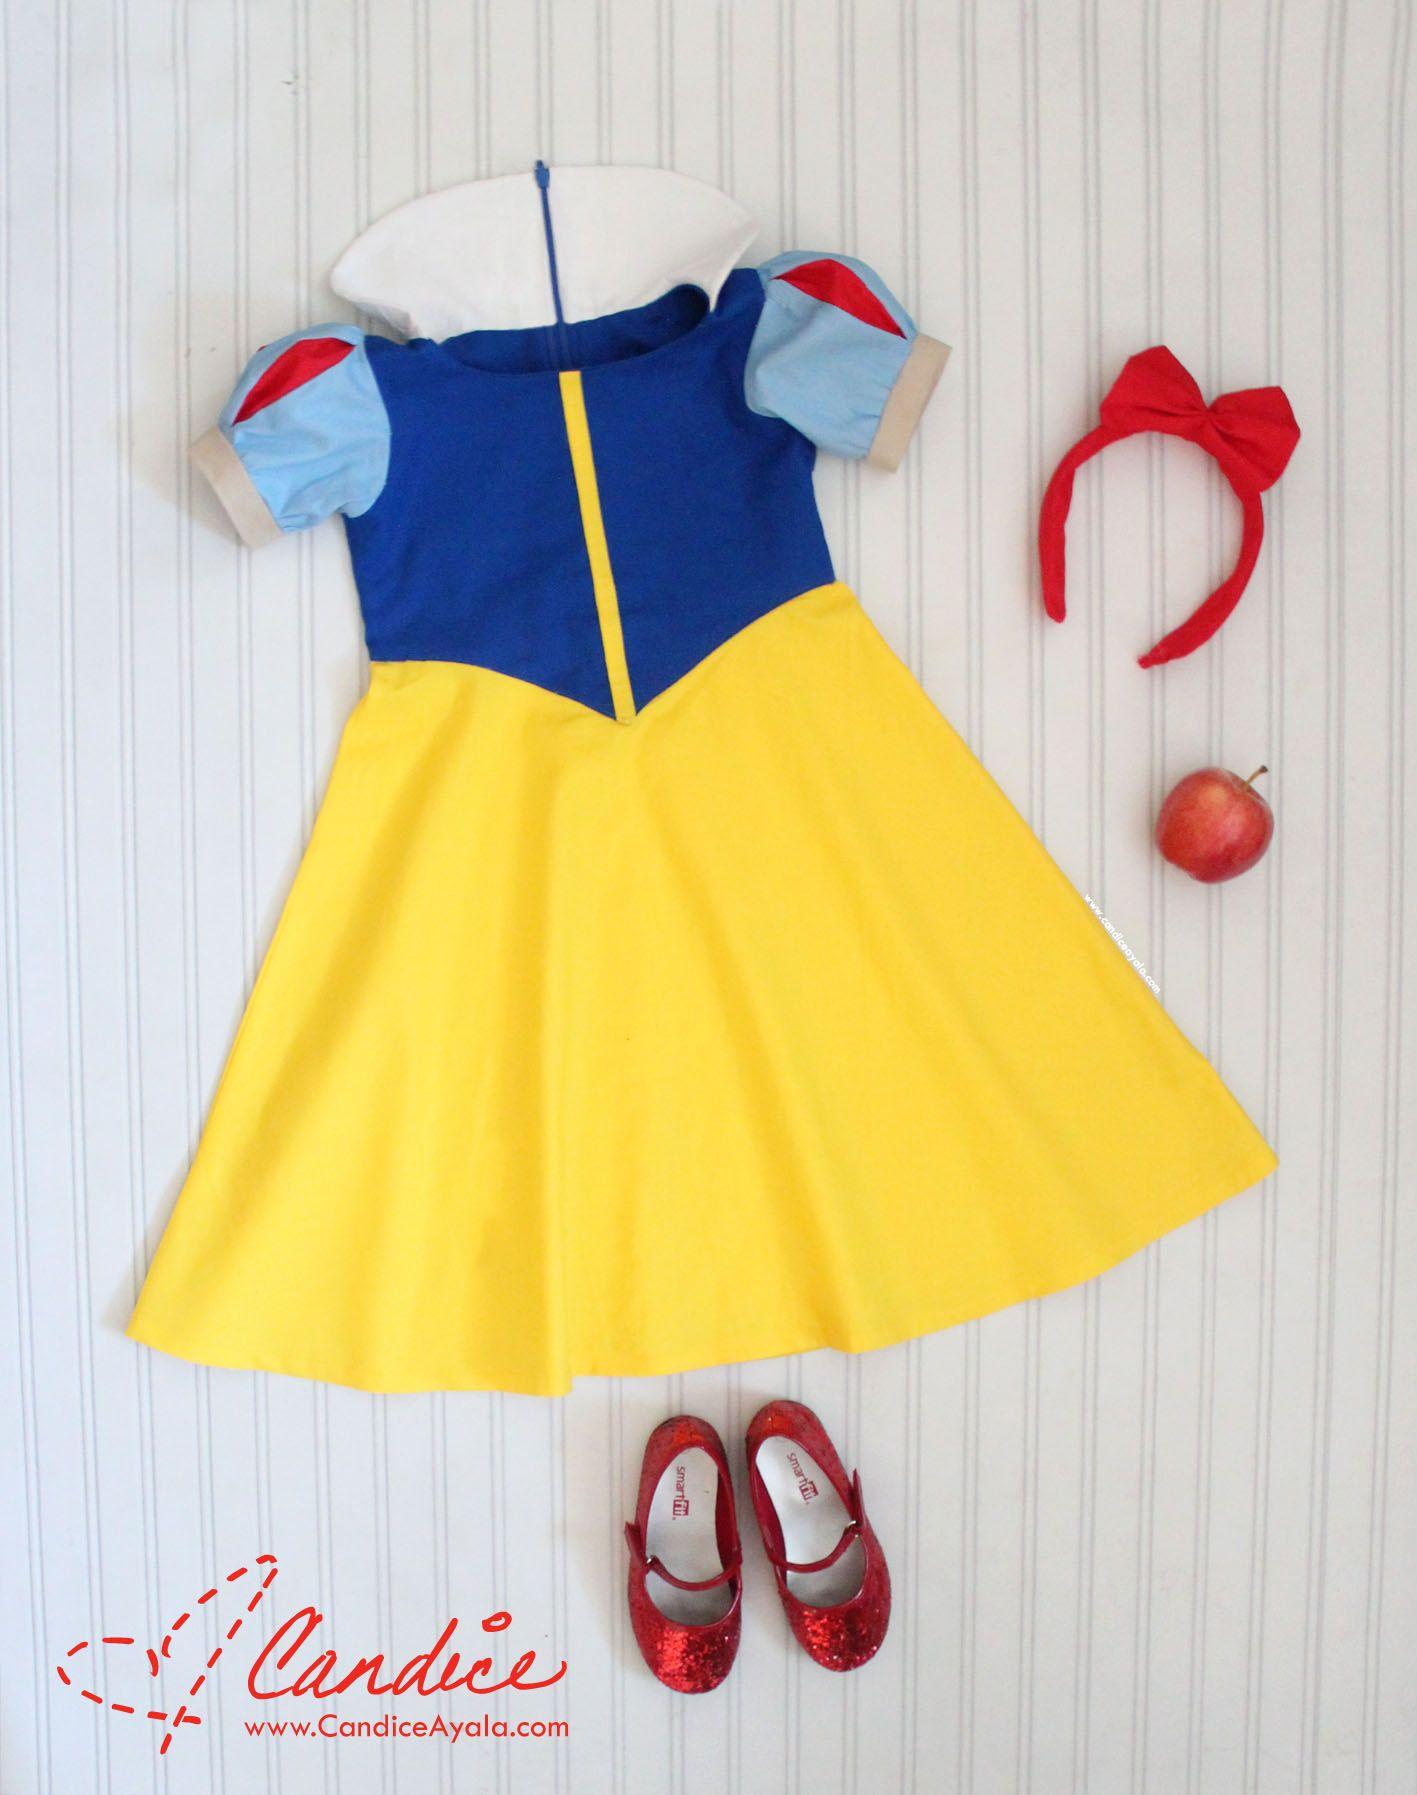 Snow white apron etsy - Snow White Dress Diy